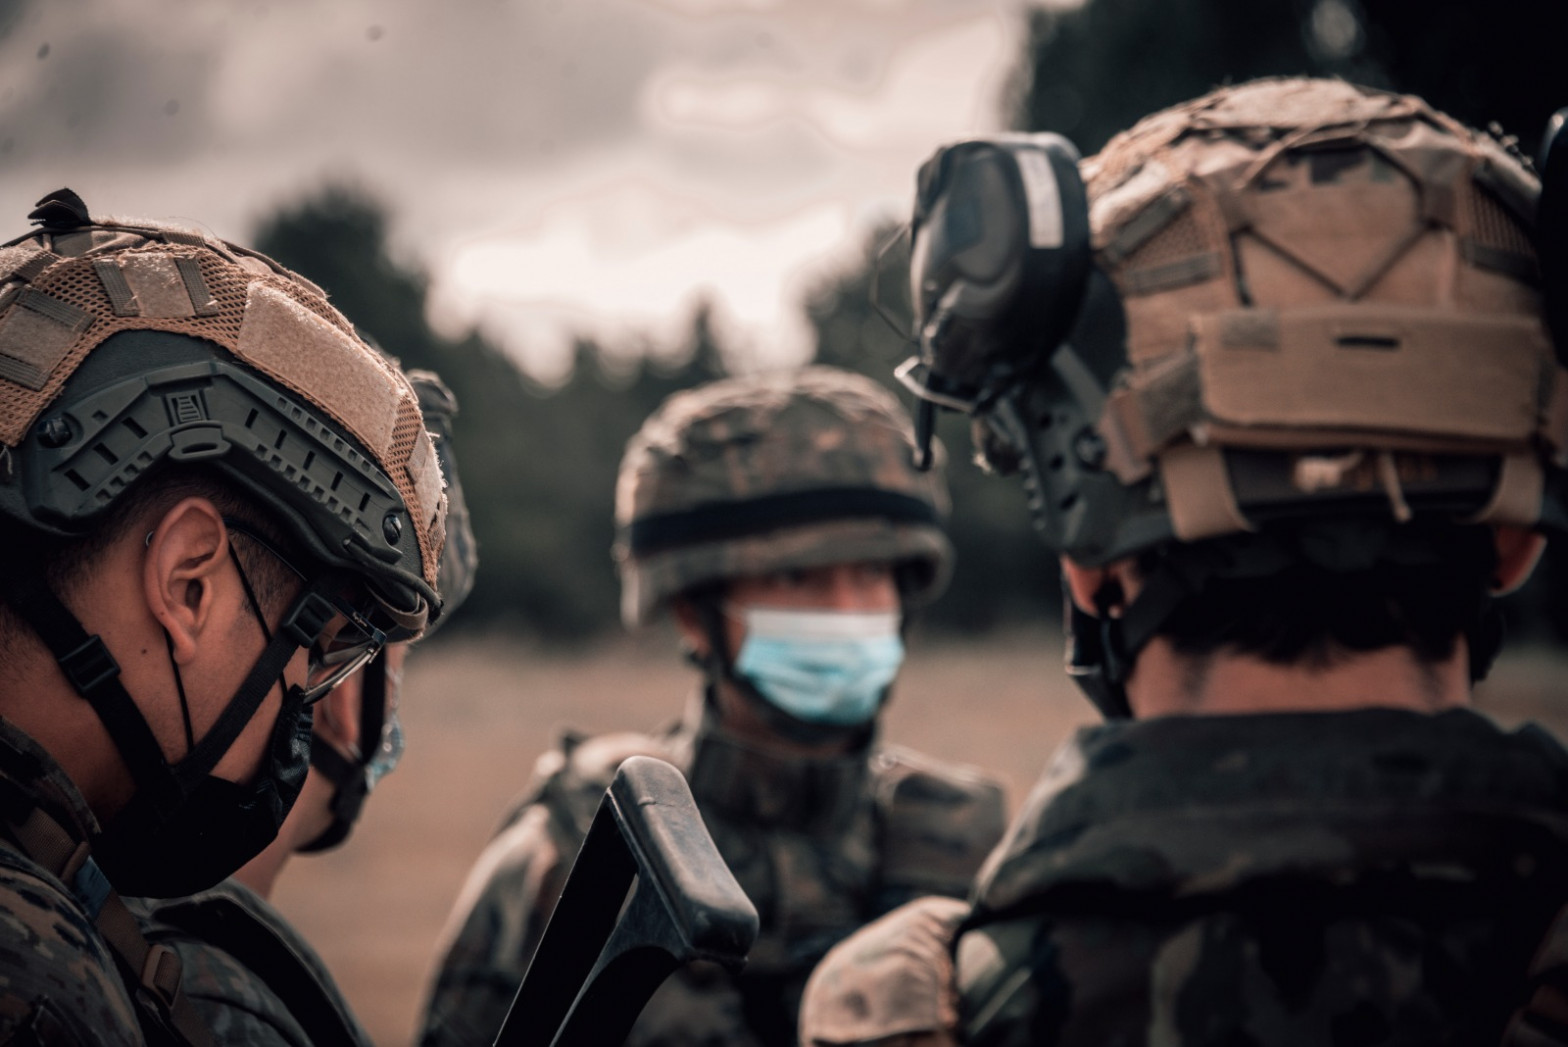 Las Fuerzas Armadas buscan militares radicalizados por yihadismo entre sus filas